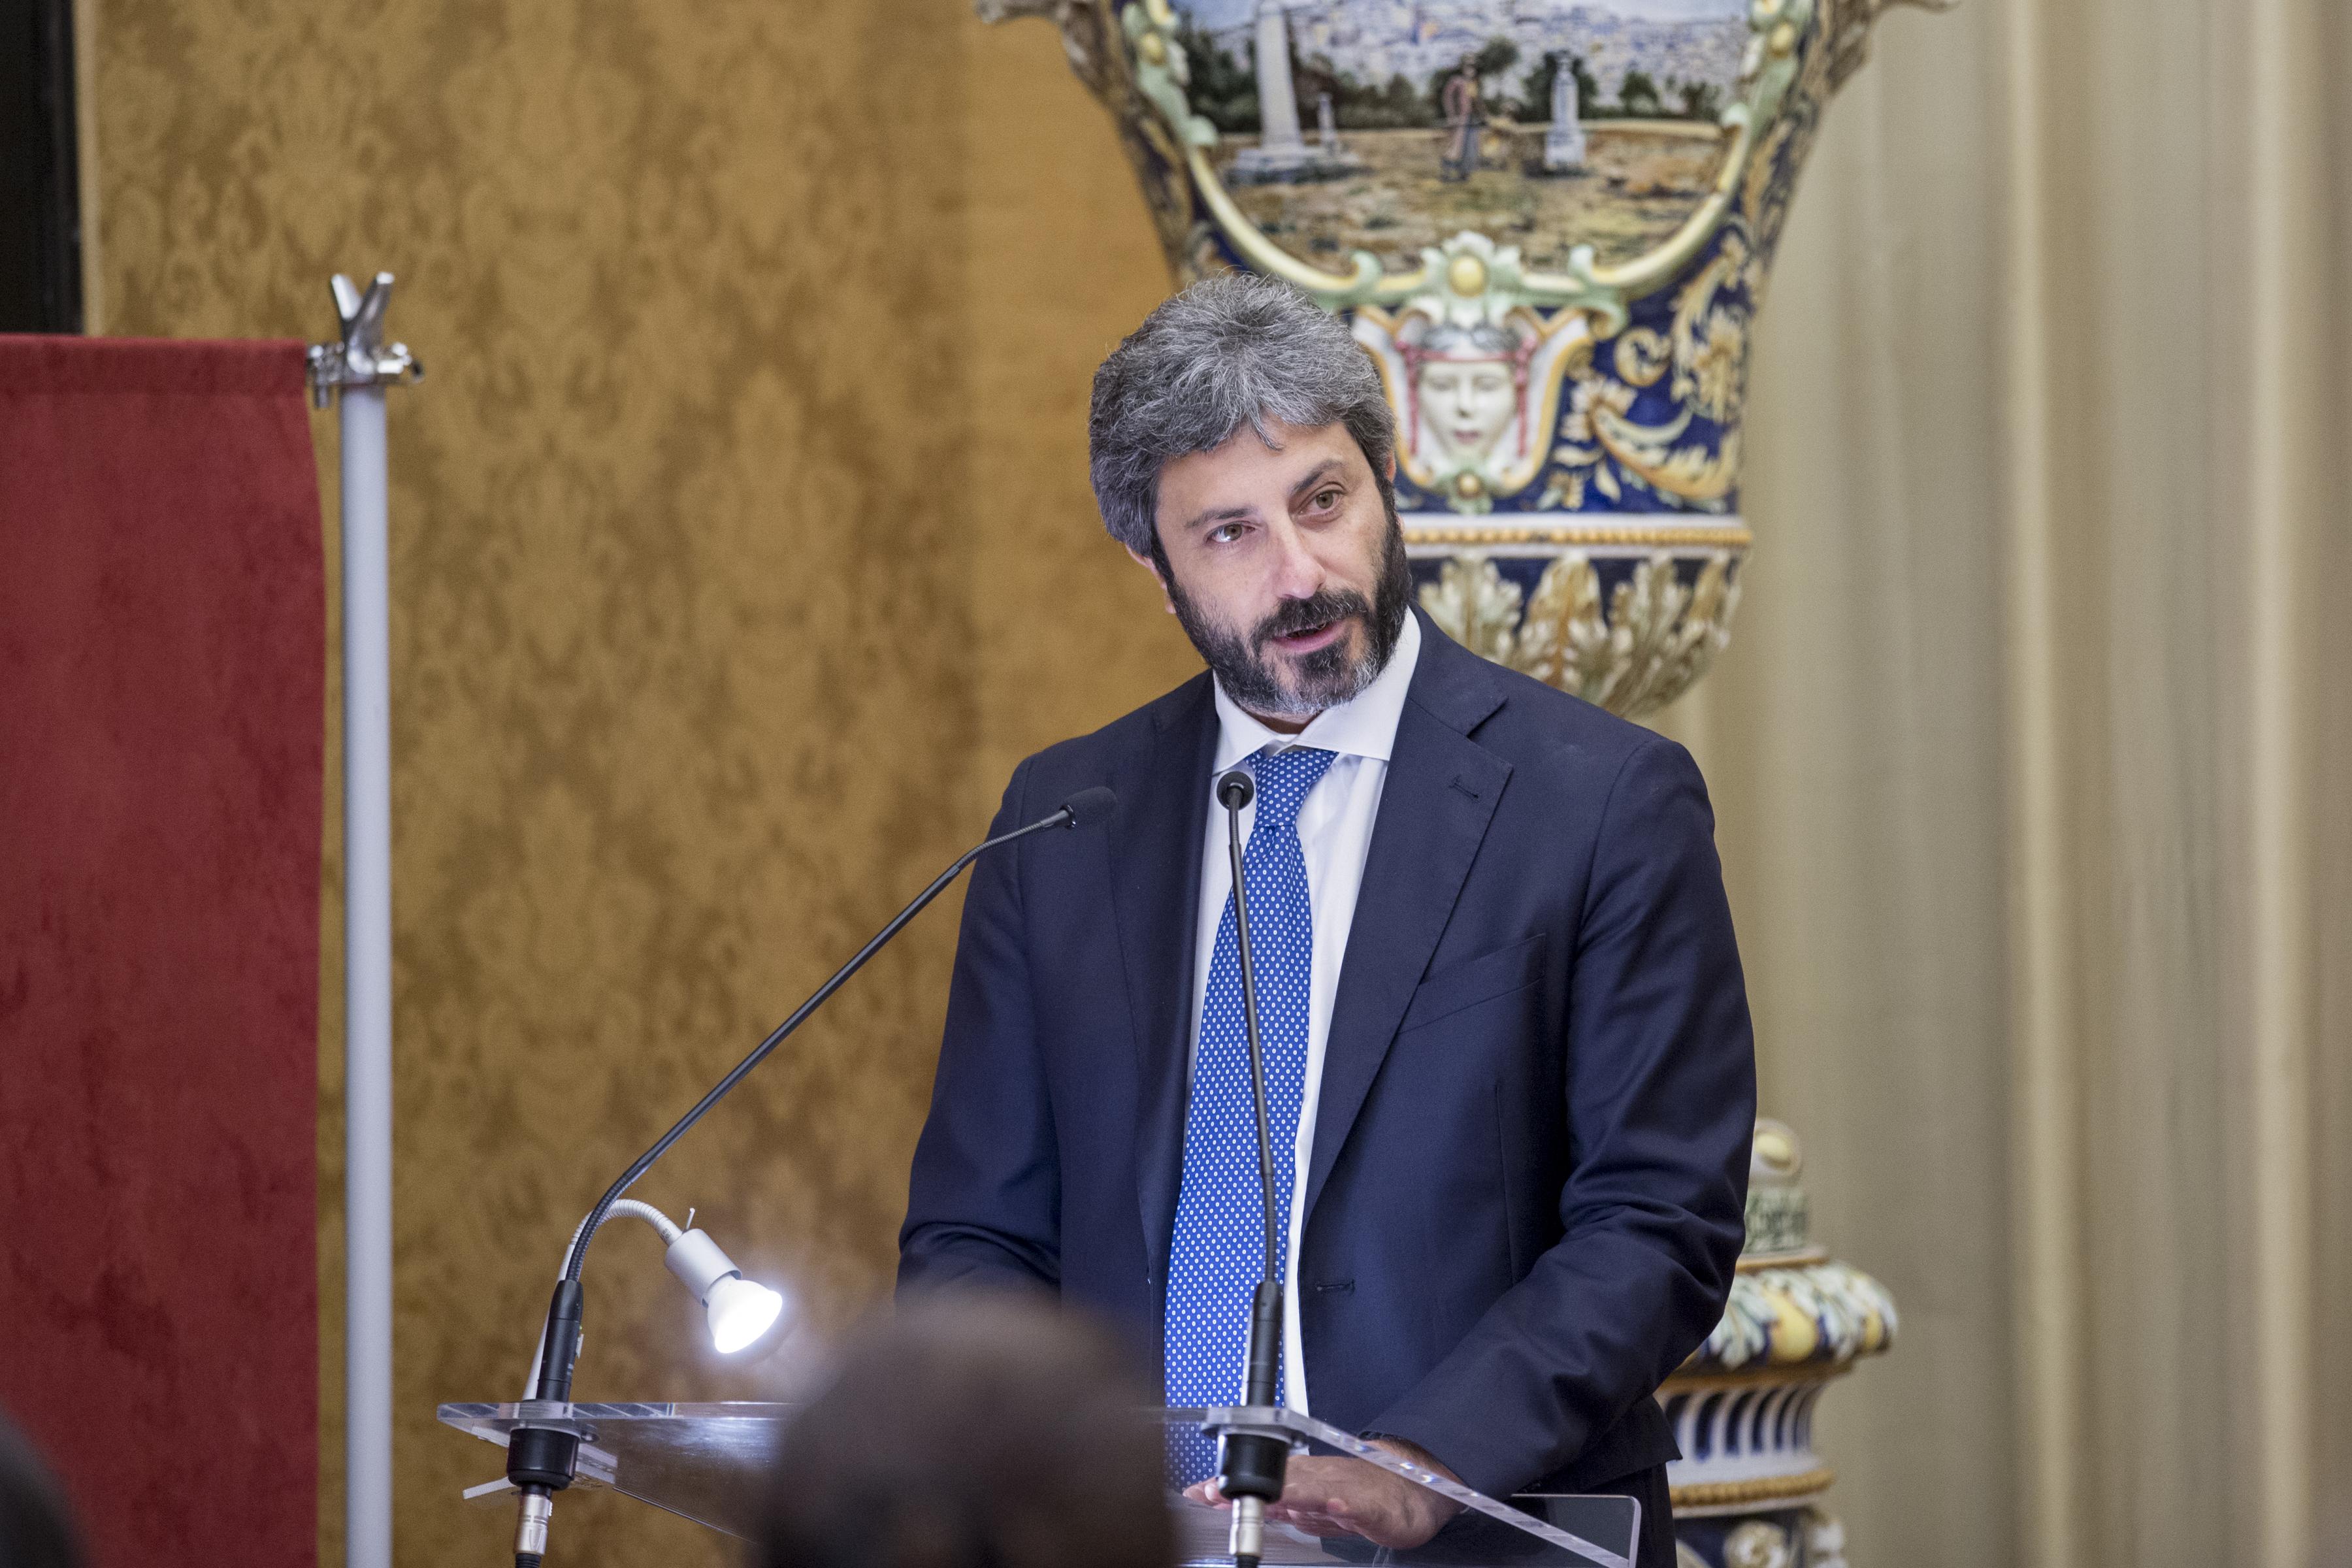 04_10_2018_Fico_Giornalismo_Pilastro_Democrazia-2468